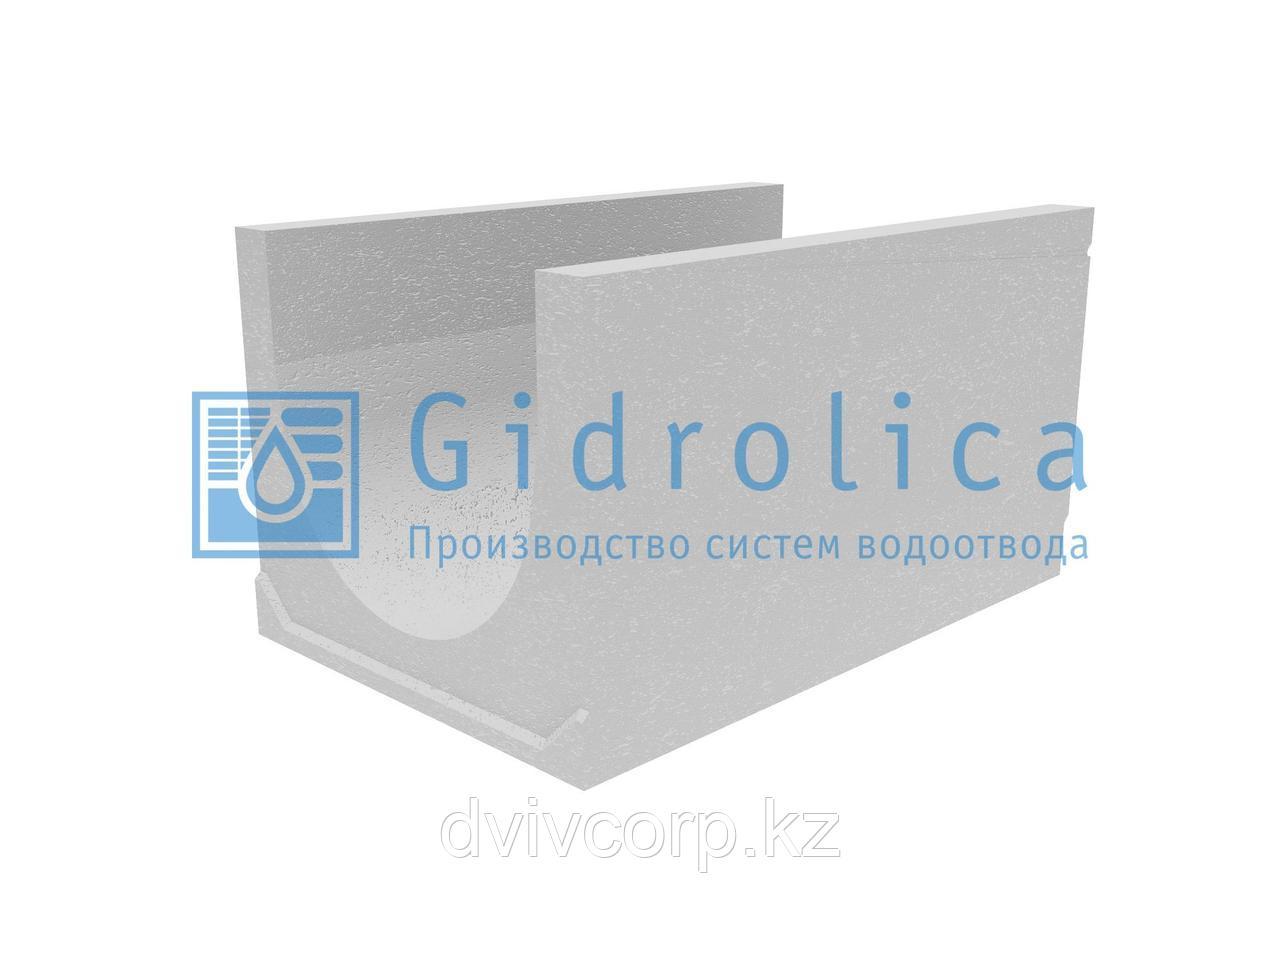 Лоток водоотводный бетонный коробчатый (СО-500мм), с уклоном 0,5%  КUу 100.65(50).55(46) - BGU-XL, № 20